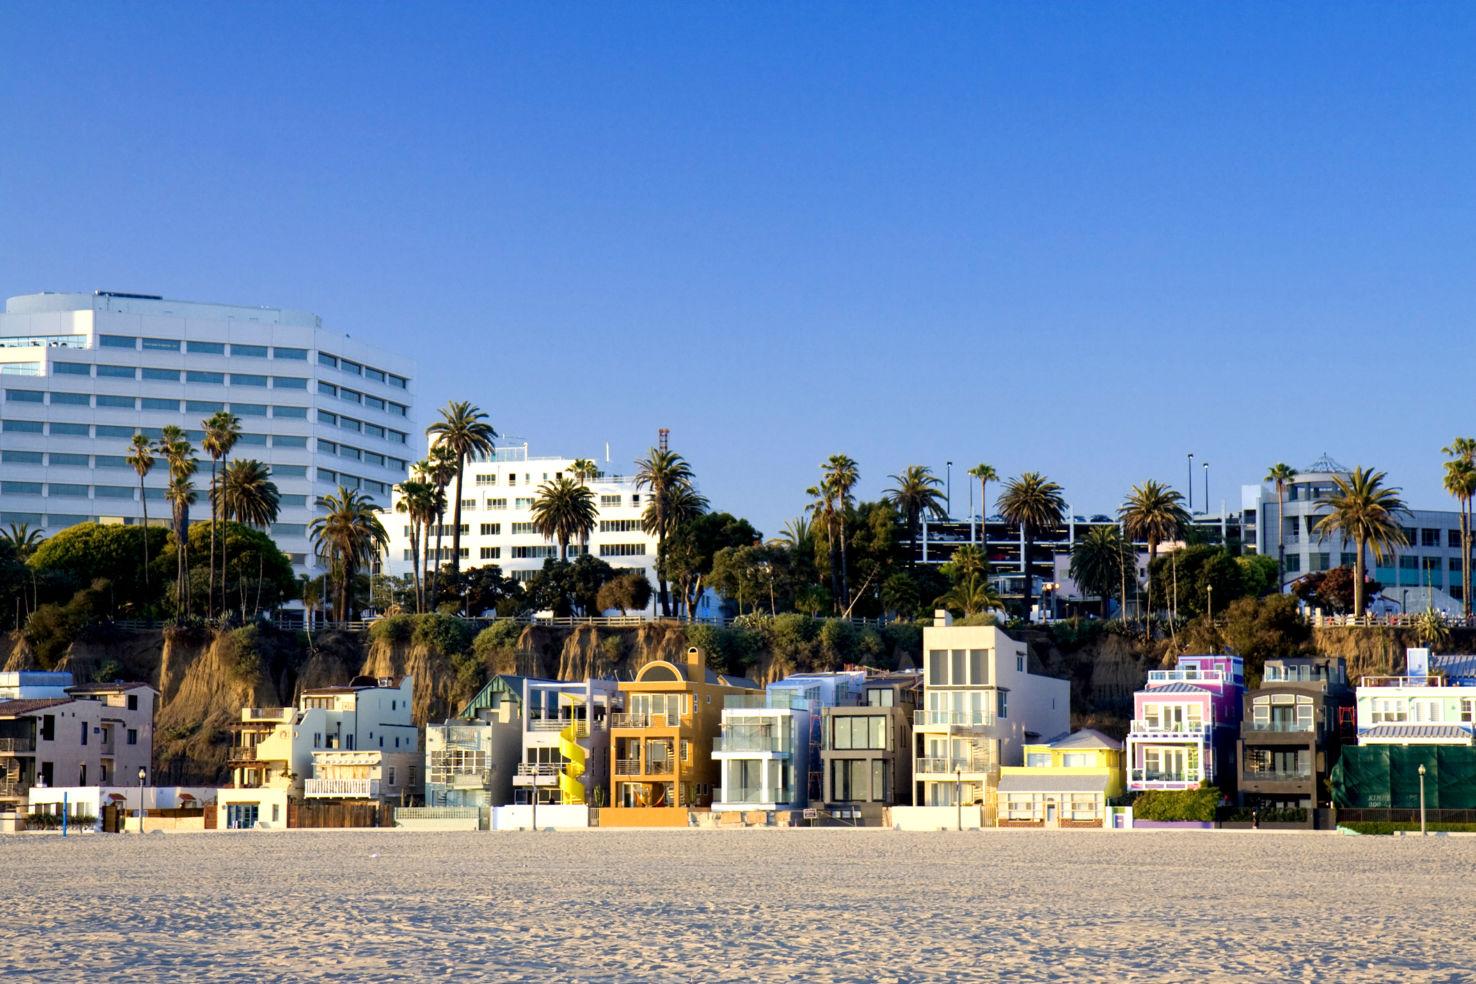 Los Angeles, CA